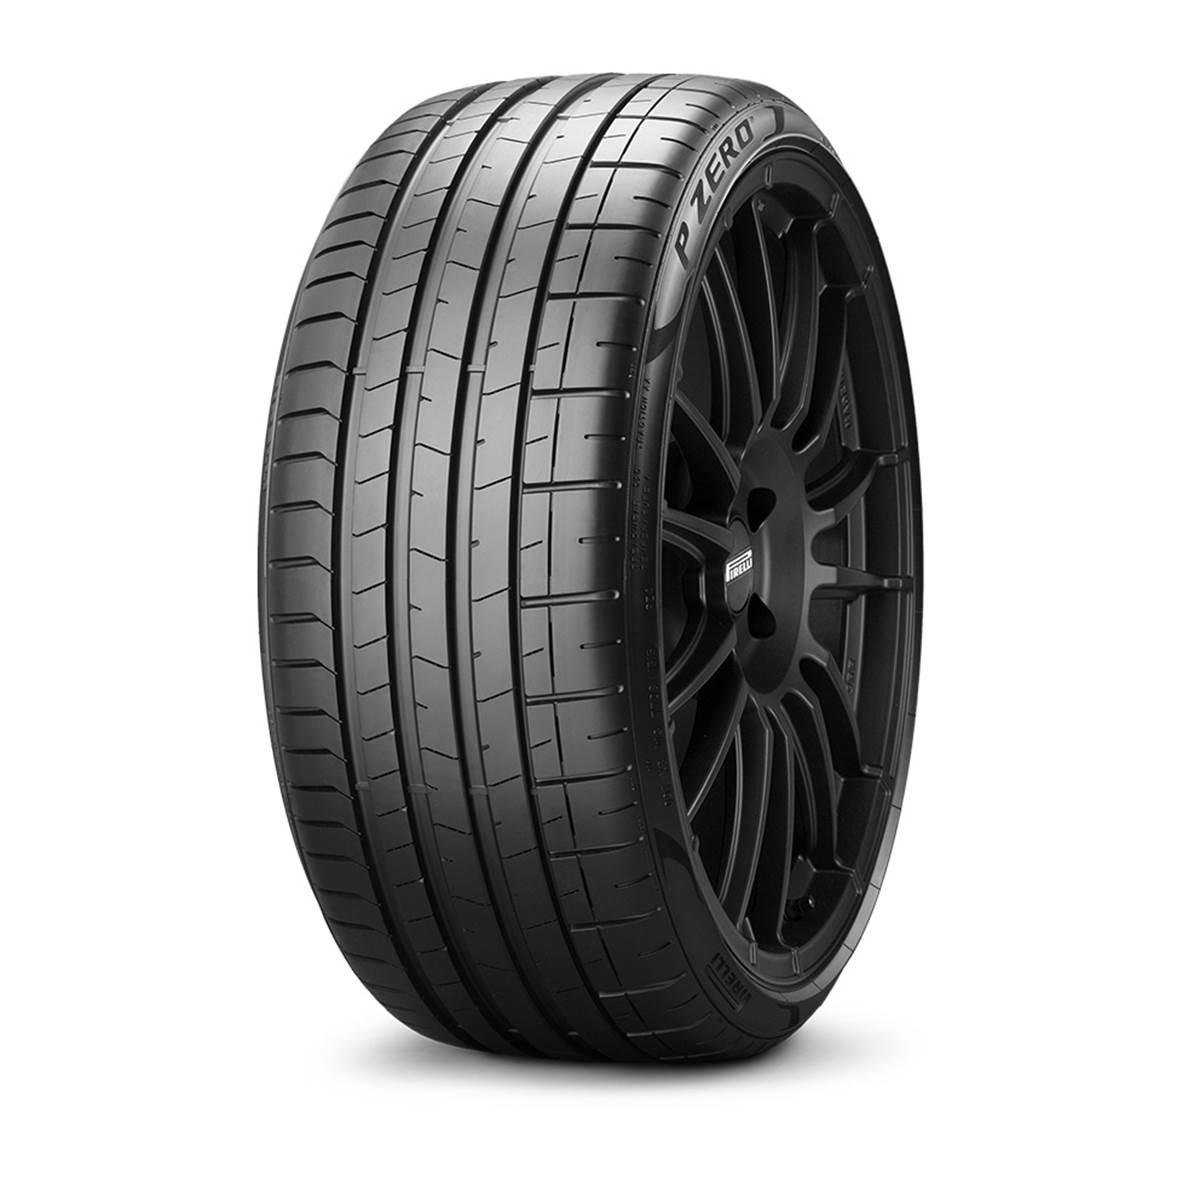 Pneu 4X4 Pirelli 315/40R21 111Y Pzero